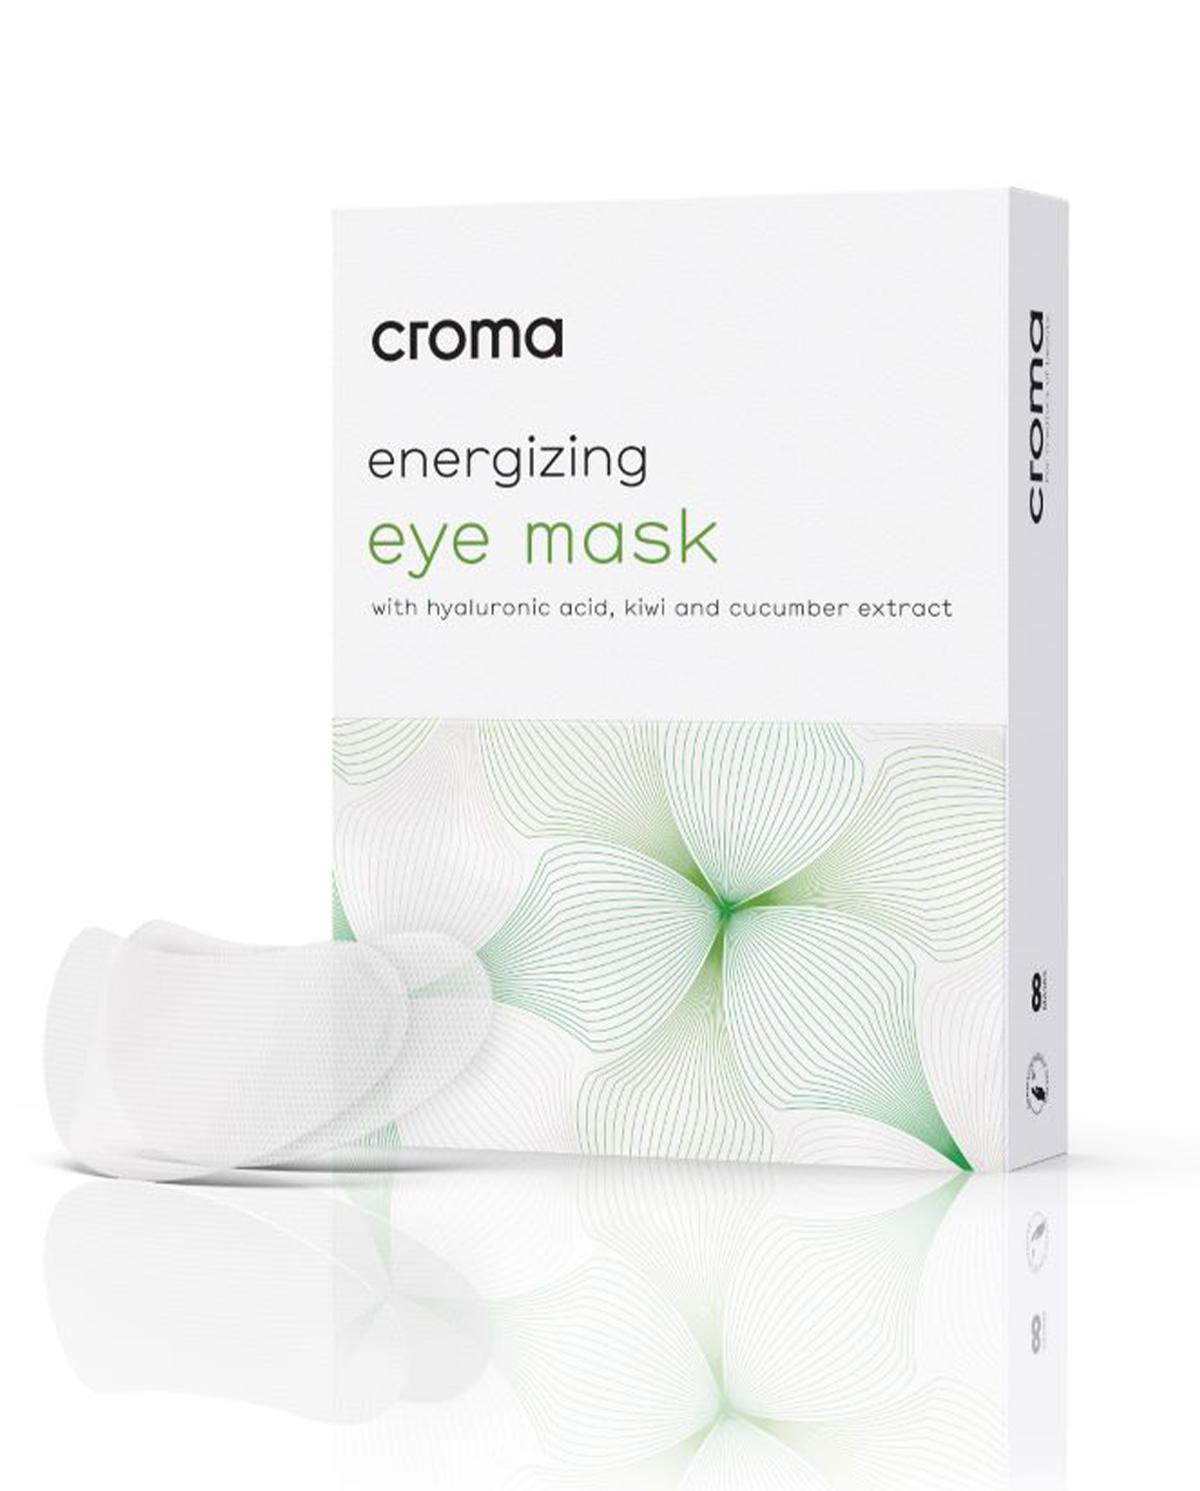 Croma energizing eye mask sRGB Large 1